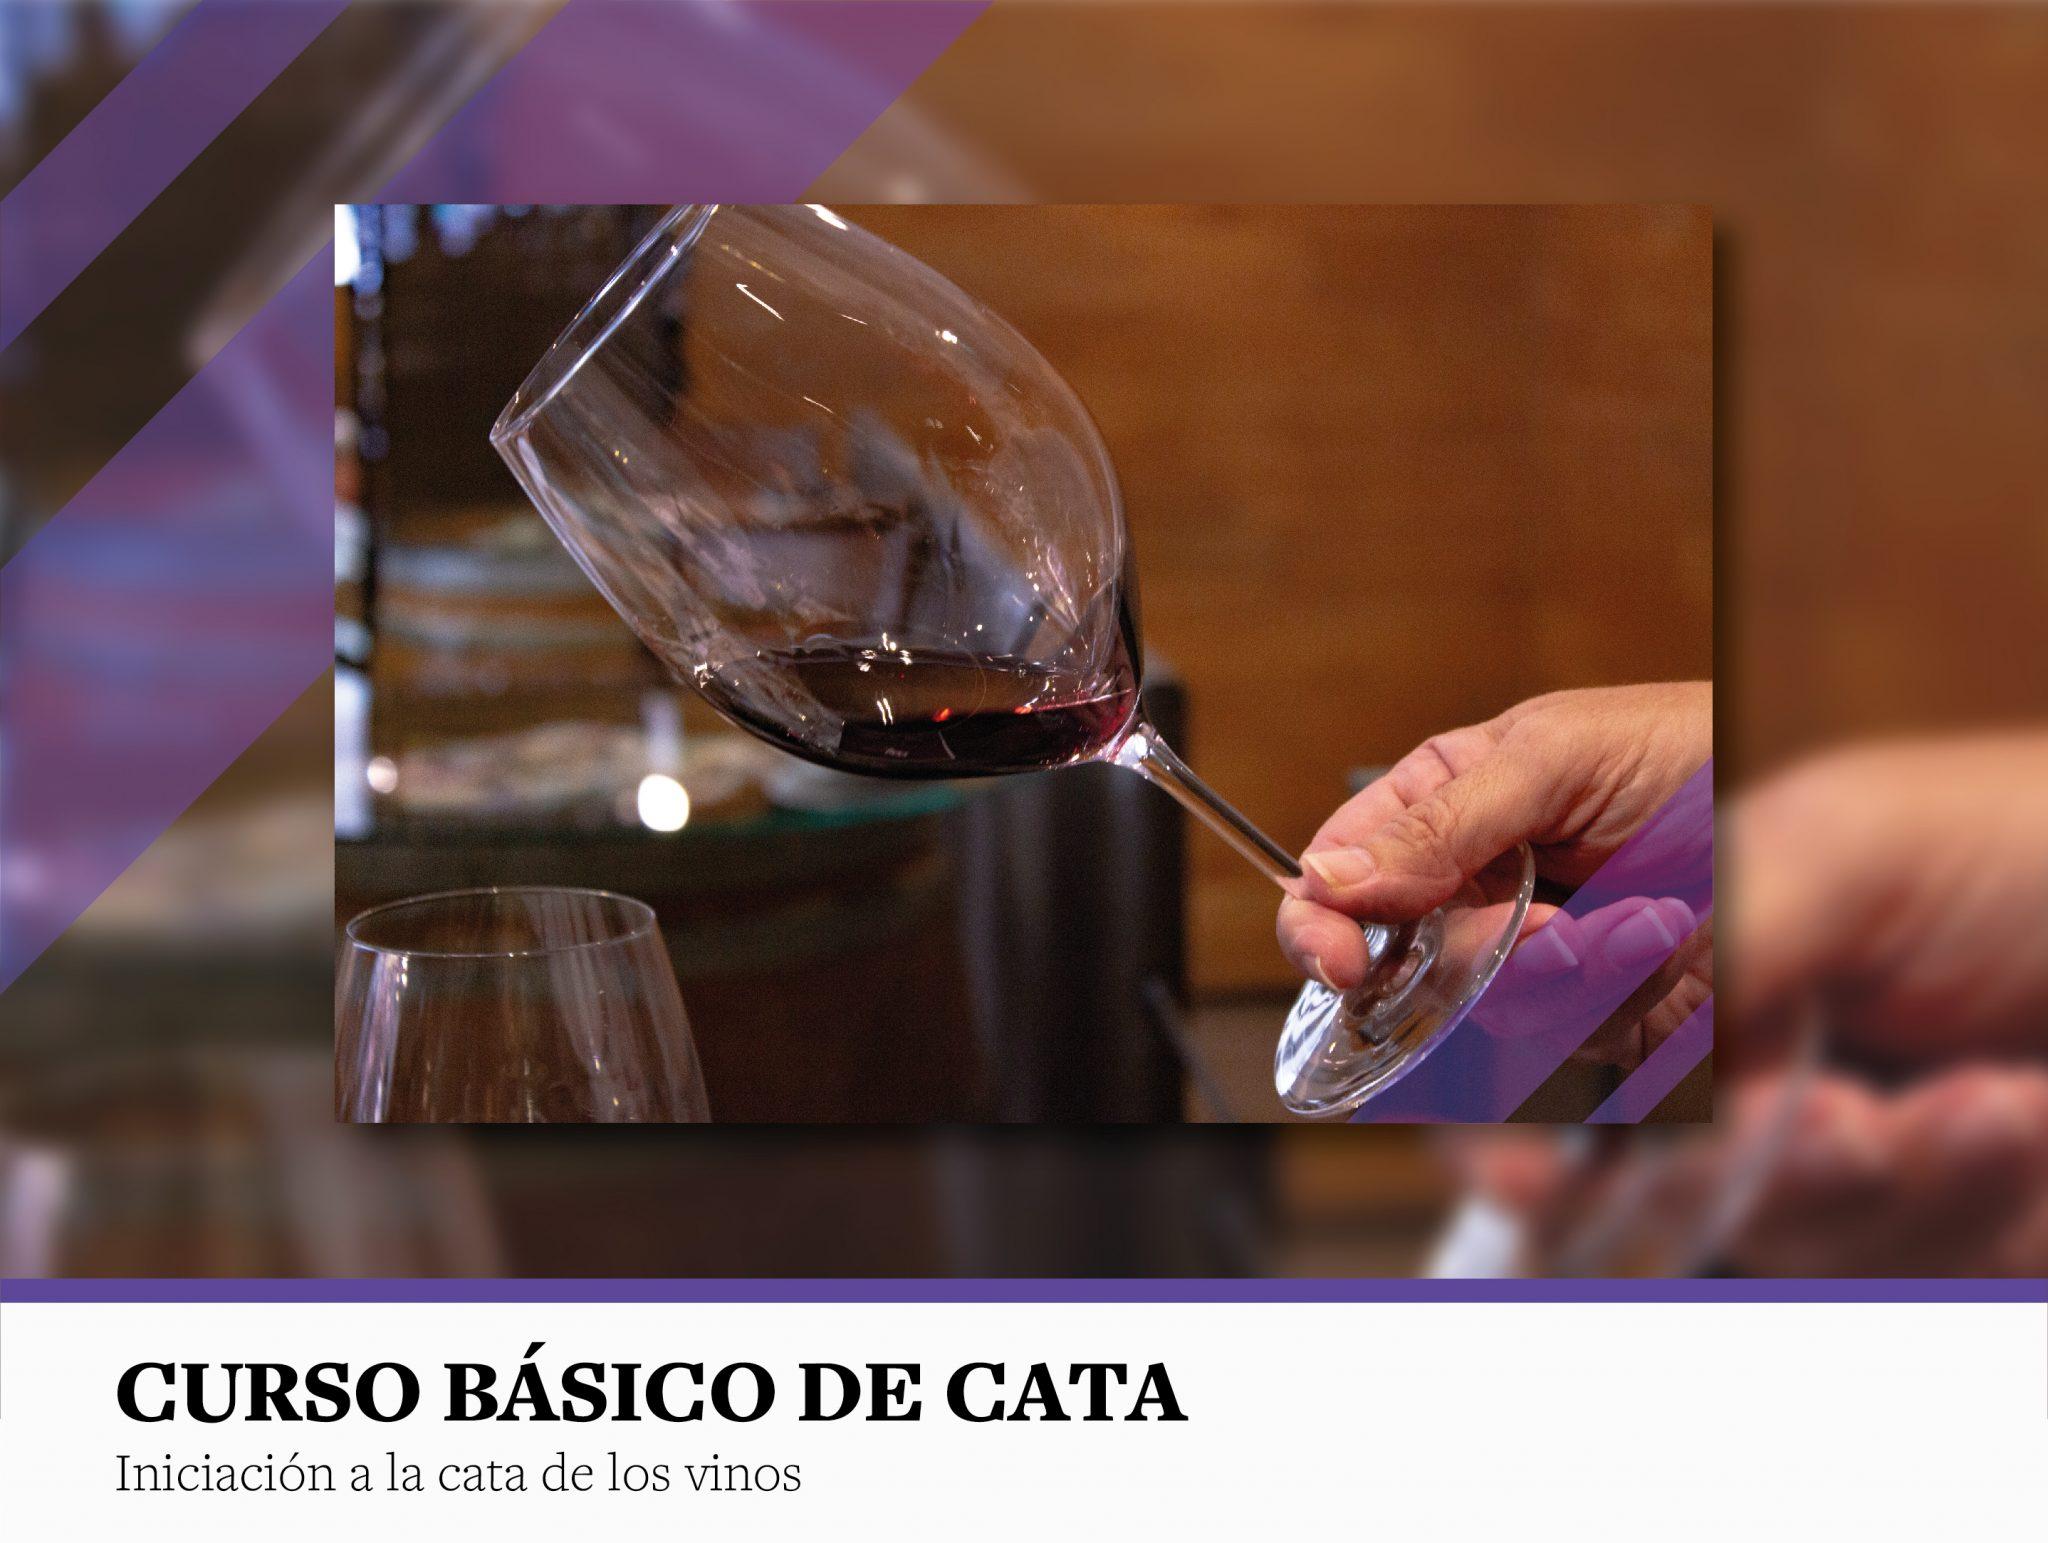 Curso básico de cata de vinos